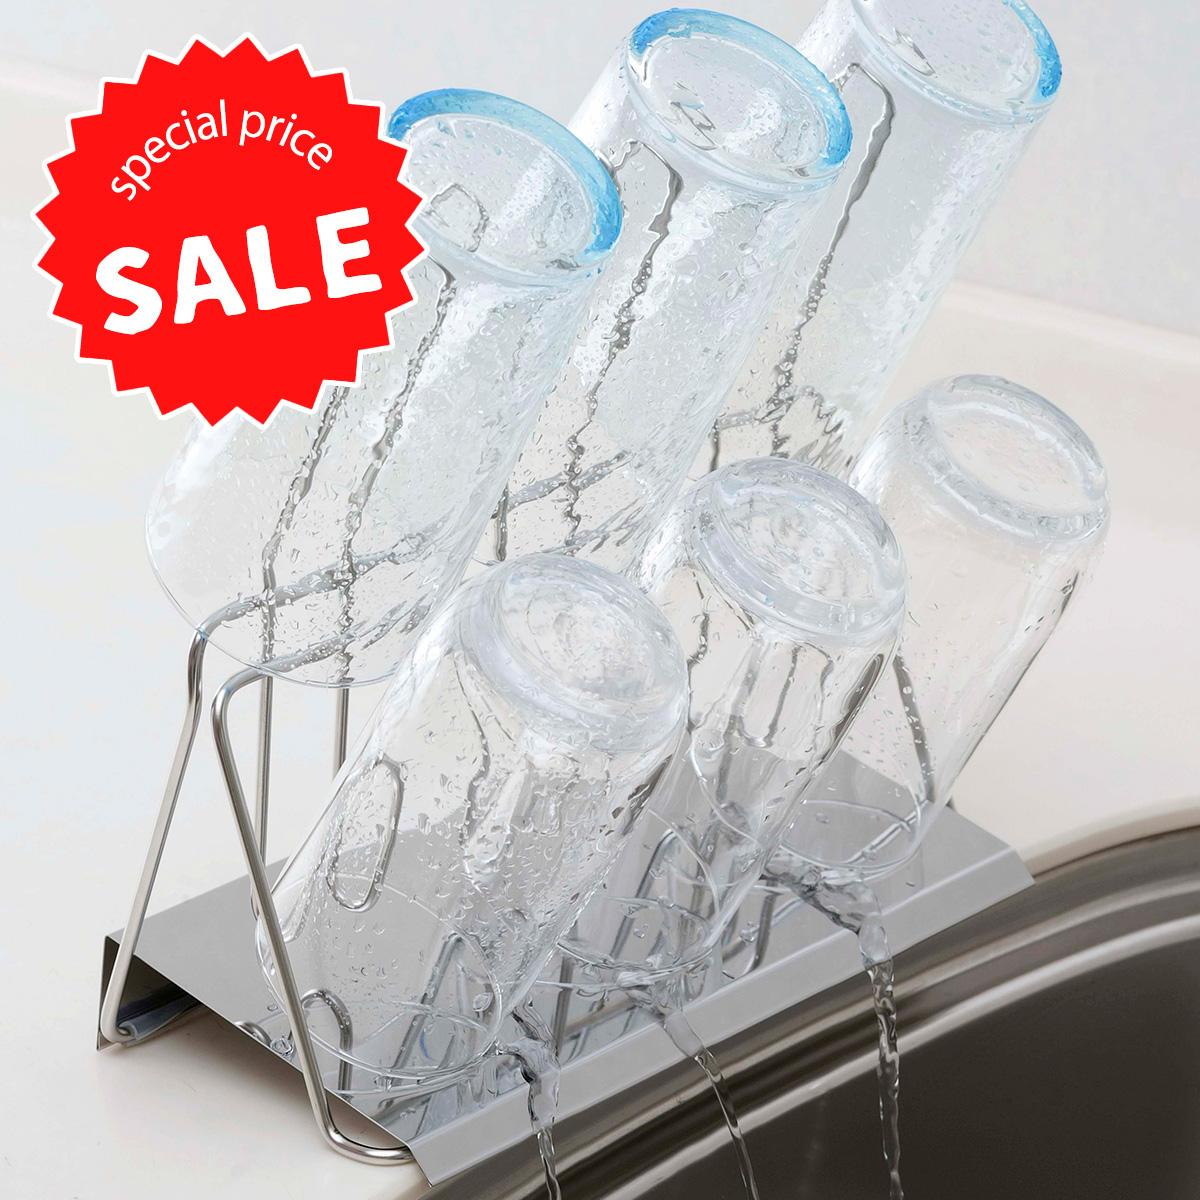 水が自然にシンクに流れる 贈答 在庫限り50%OFF スマート グラススタンド日本製 ステンレス製 コップ 正規取扱店 カップ省スペース 携帯ボトル 下村企販 燕三条 スッキリリサイクル スペース活用 ツバメ ボトル水切りコップスタンド ペットボトルまとまる マグカップ